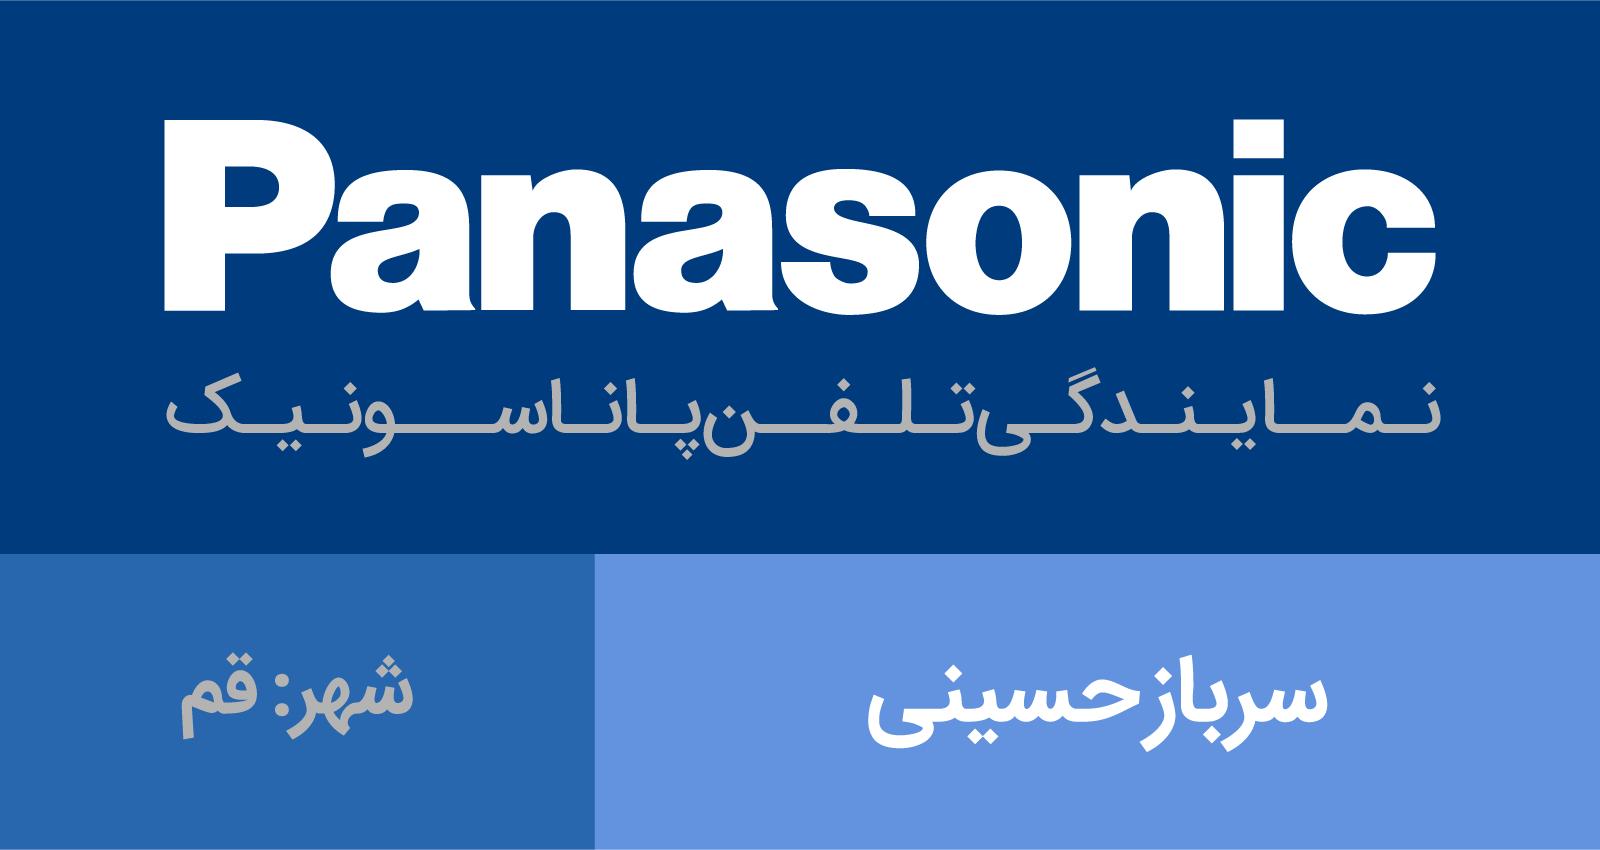 نمایندگی پاناسونیک قم - سرباز حسینی